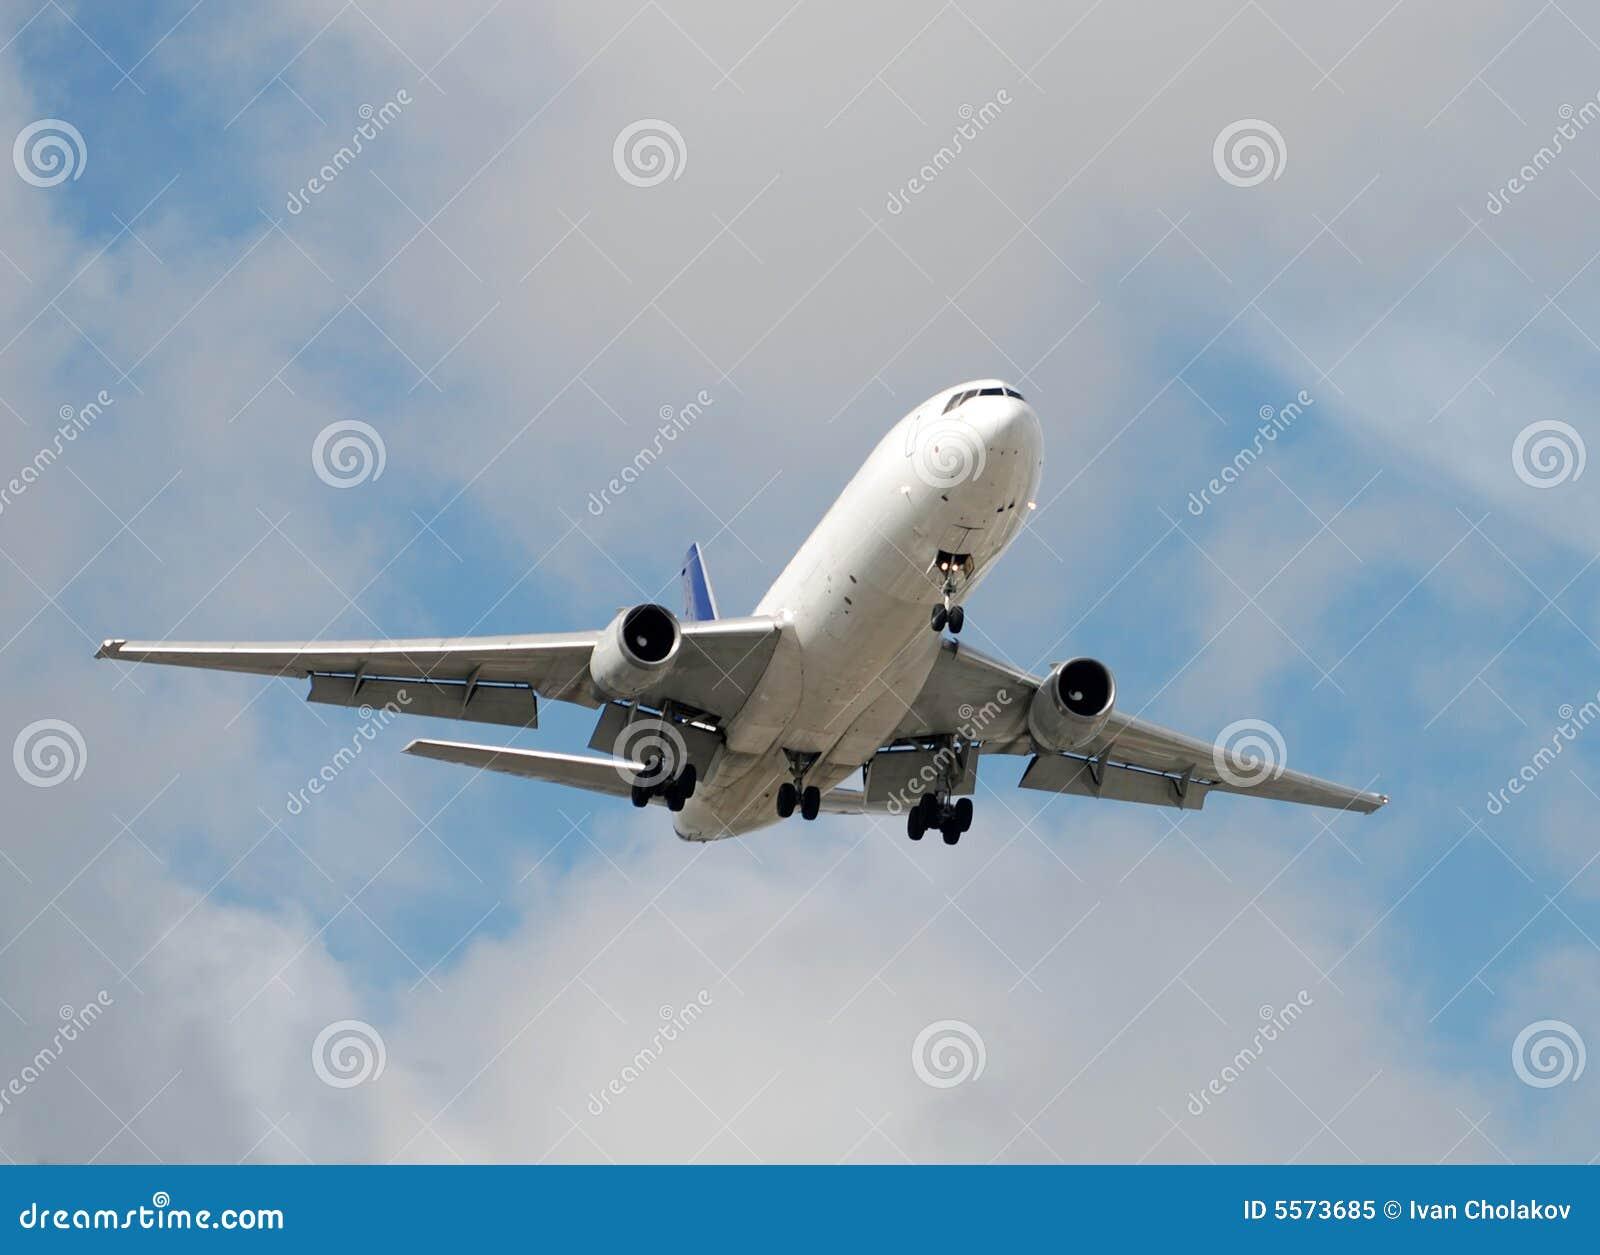 причаливая реактивный грузовой самолет